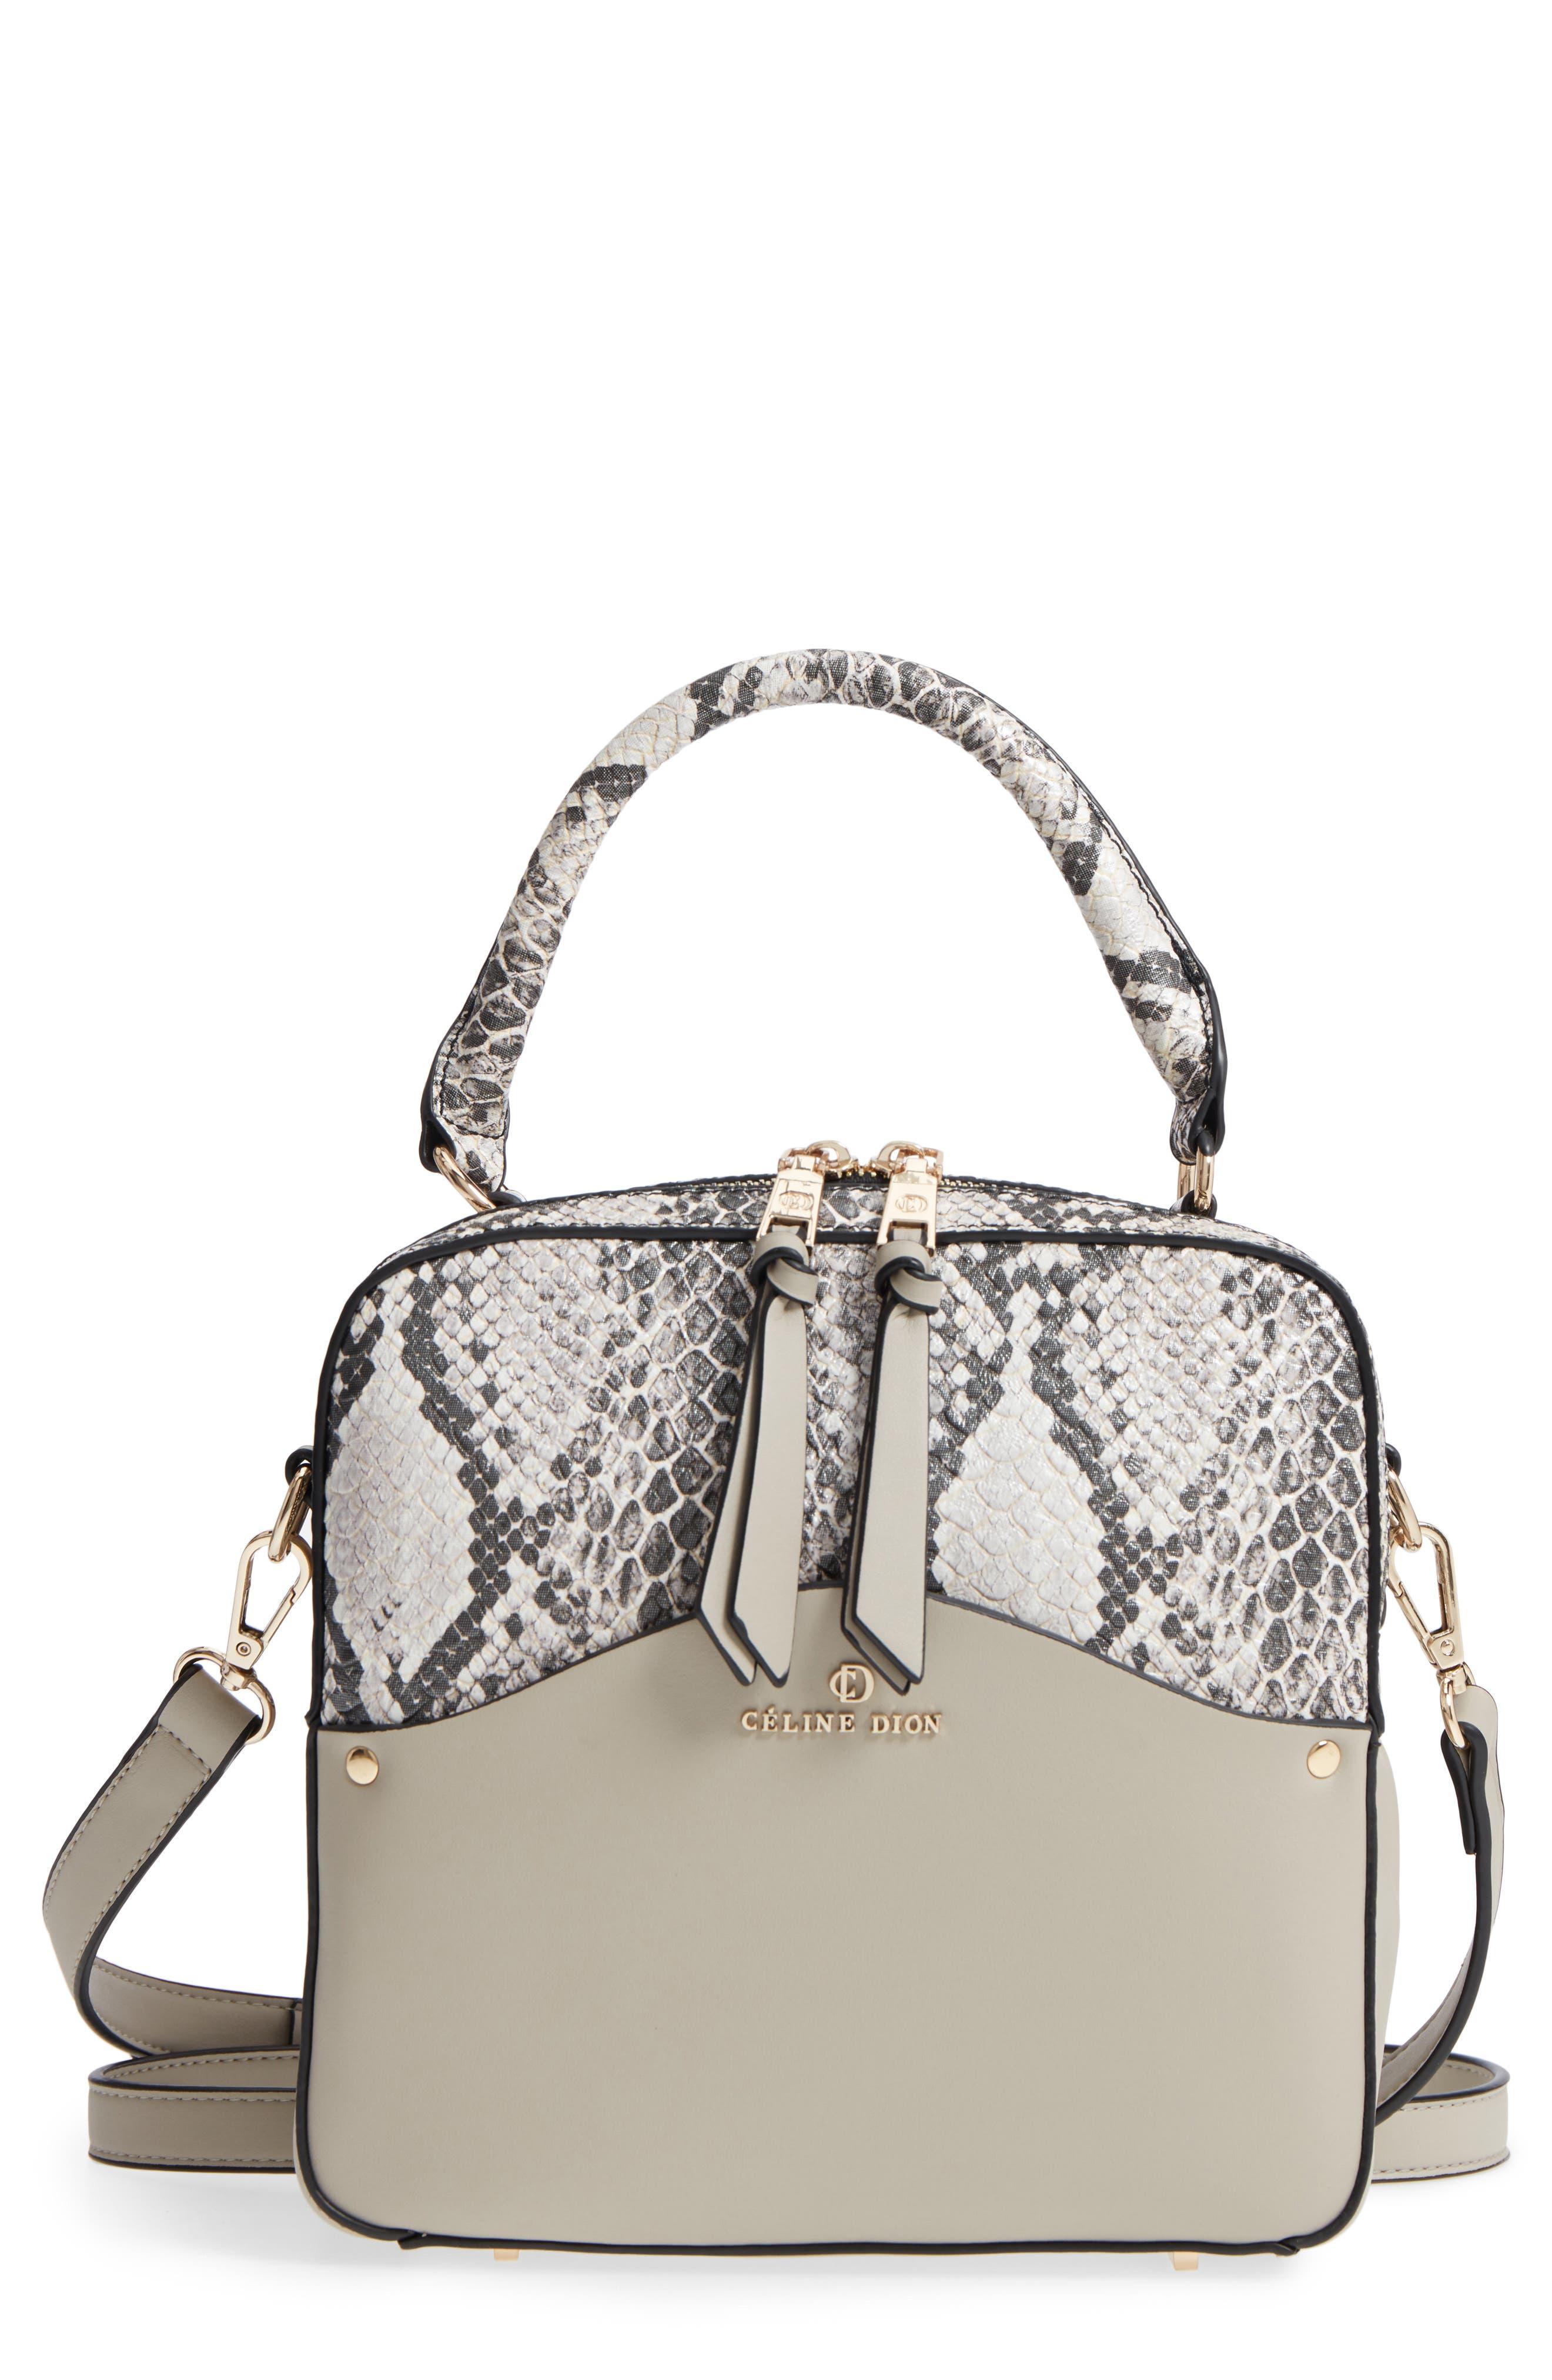 Céline Dion Motif Top Handle Leather Satchel